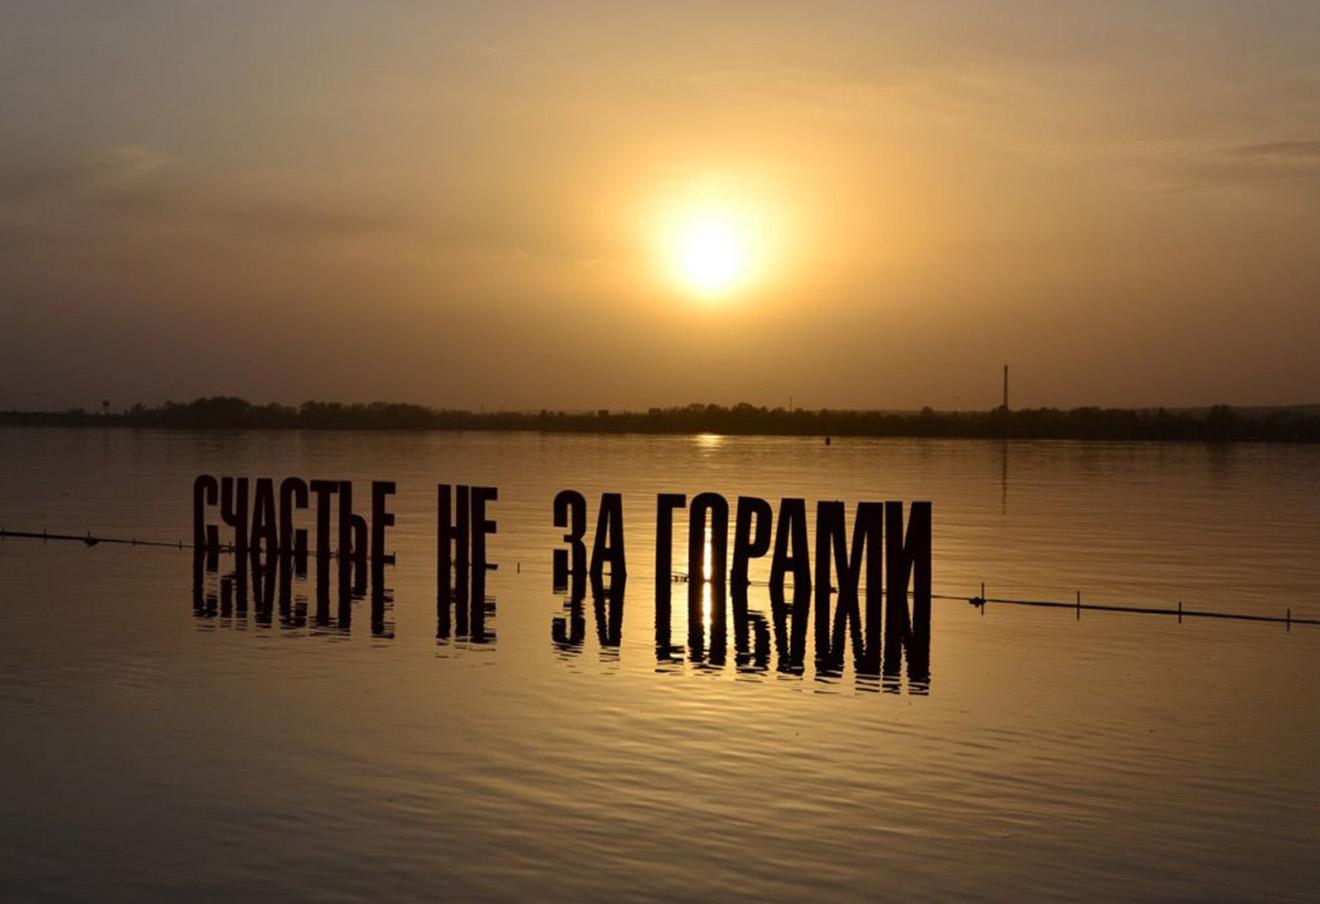 Арт-объект «Счастье не за горами» в Перми